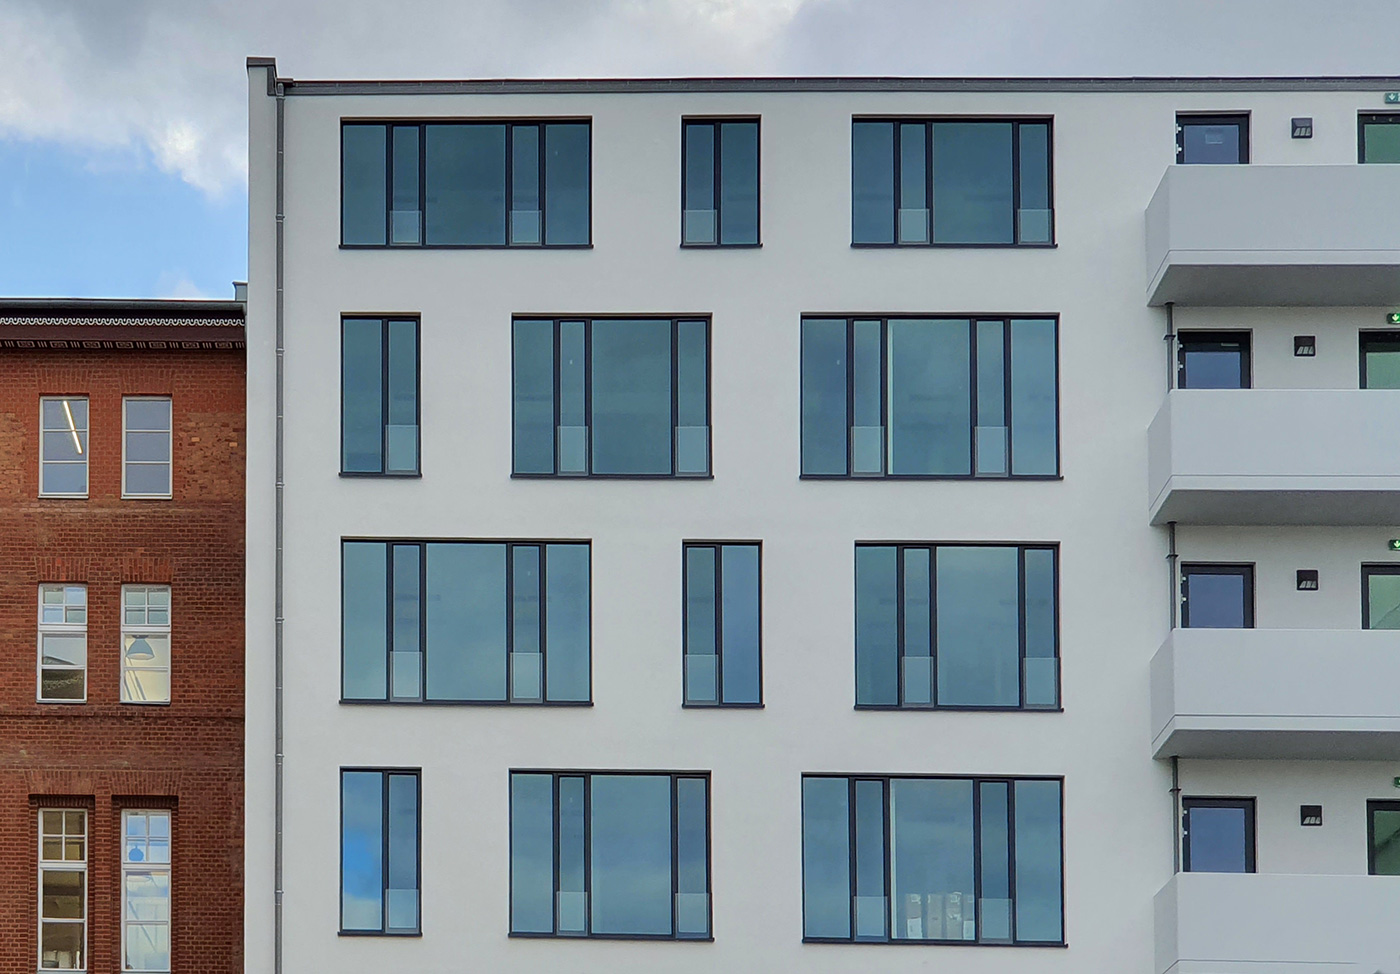 Neubau eines Bürogebäudes neben dem alten Postamt in Berlin-Kreuzberg - Bild 3